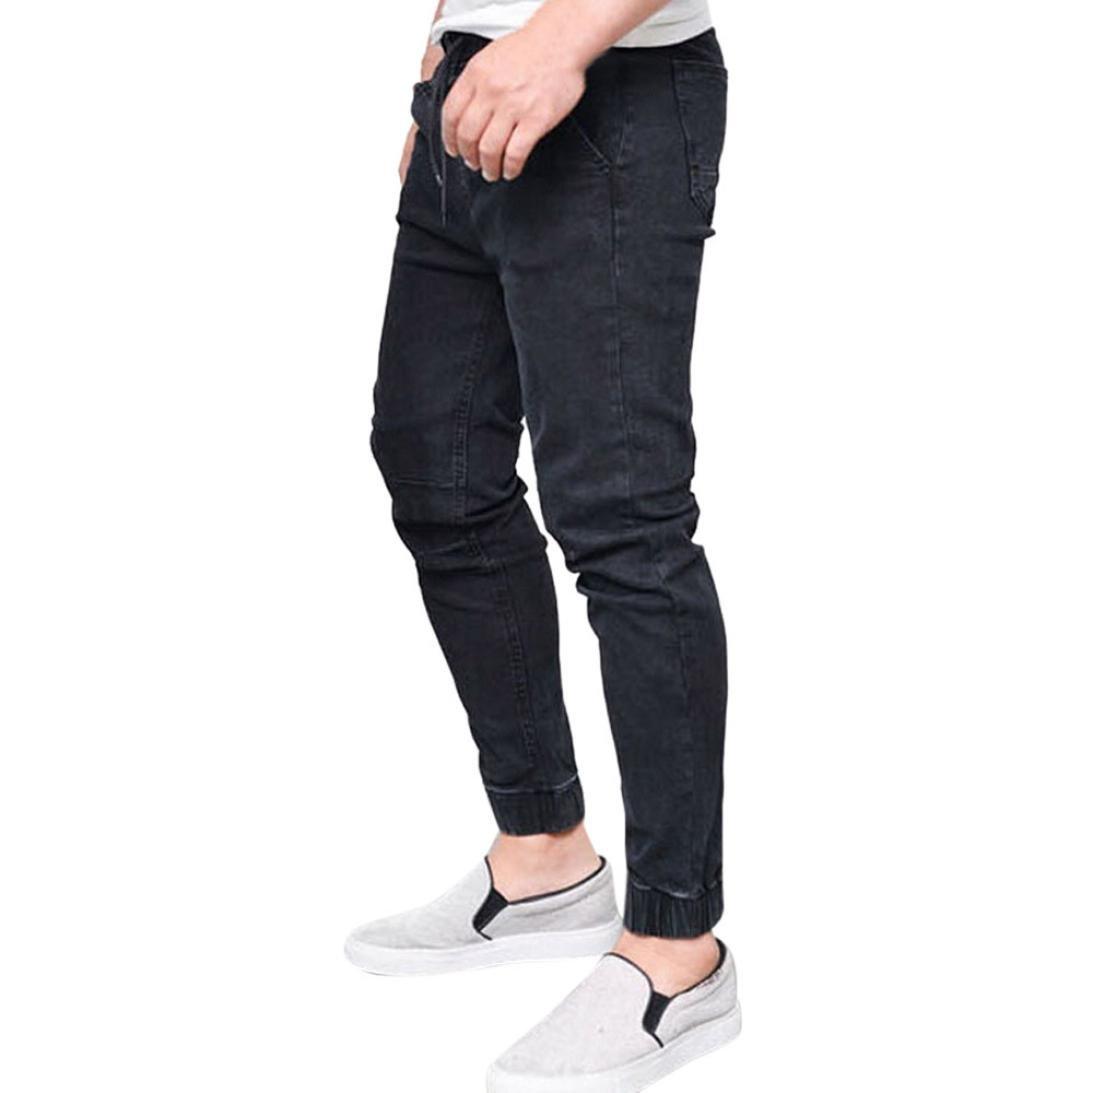 AMSKY❤ Men Trouser, Fashion Slim Biker Hiphop Basic Denim Jeans Skinny Fitness Elastic Stretchy Long Pants (L, Black) by AMSKY (Image #1)